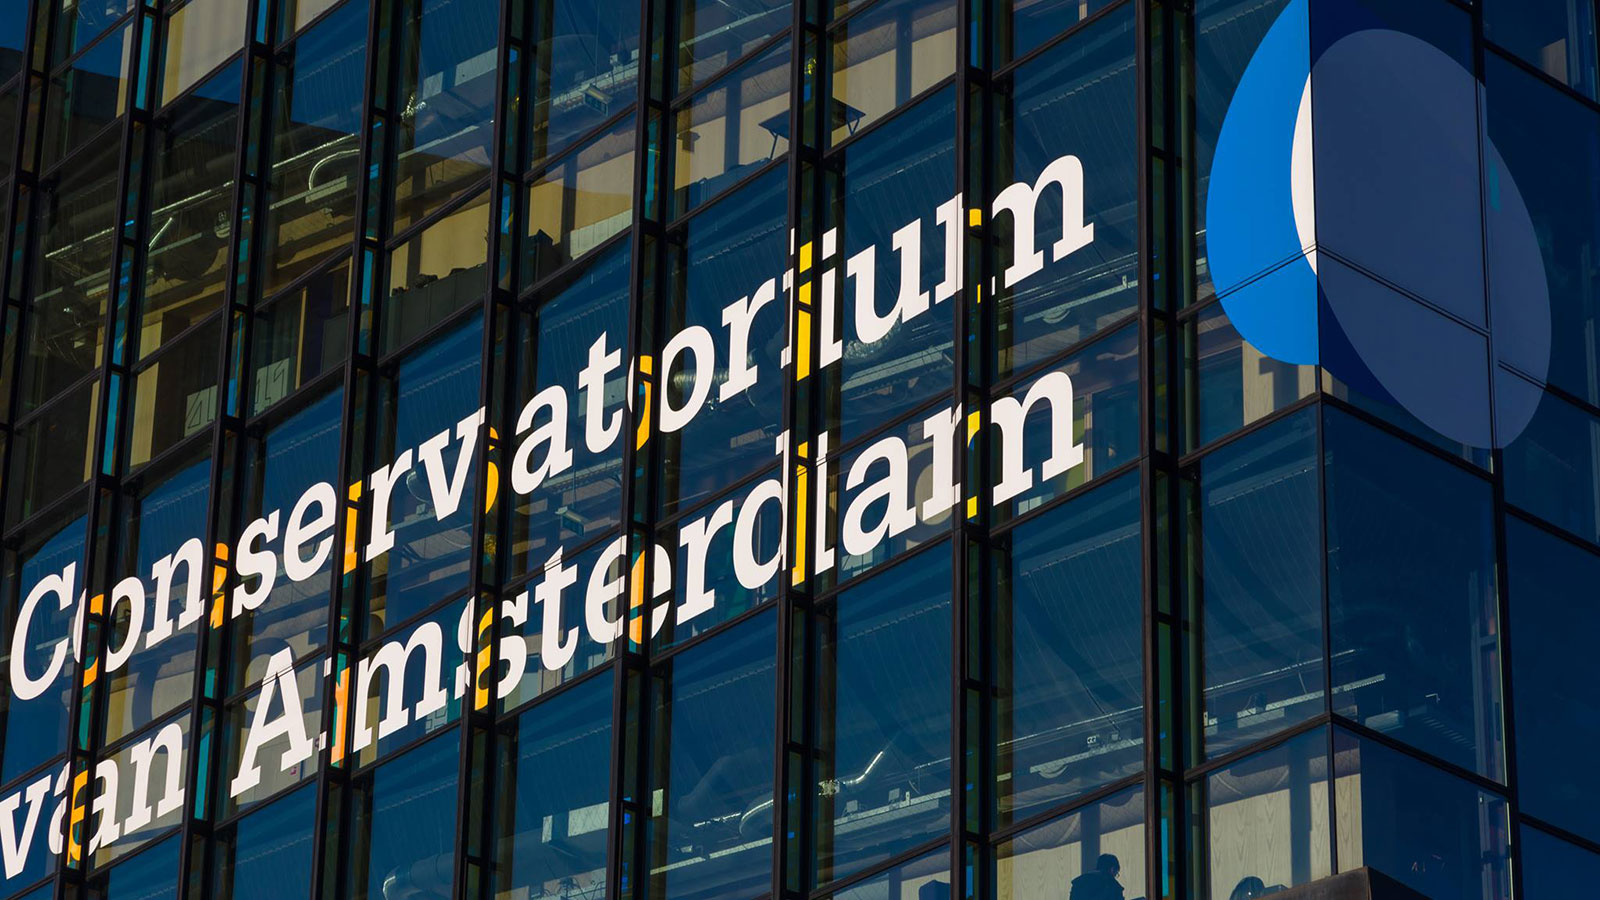 amsterdamse hogeschool voor de kunsten | Thonik